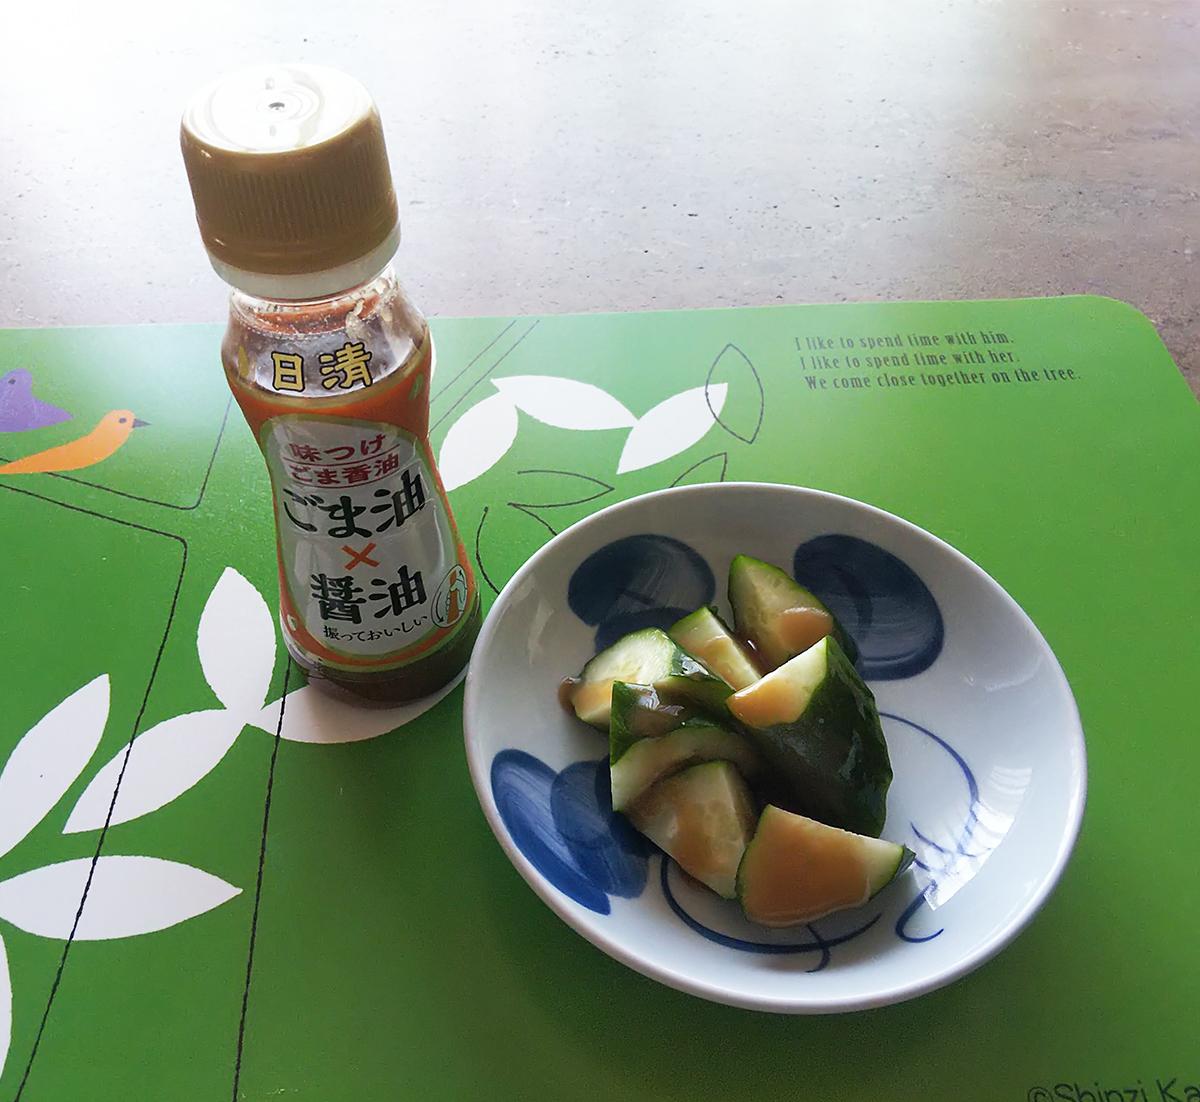 日清味つけごま香油(ごま油×醤油)